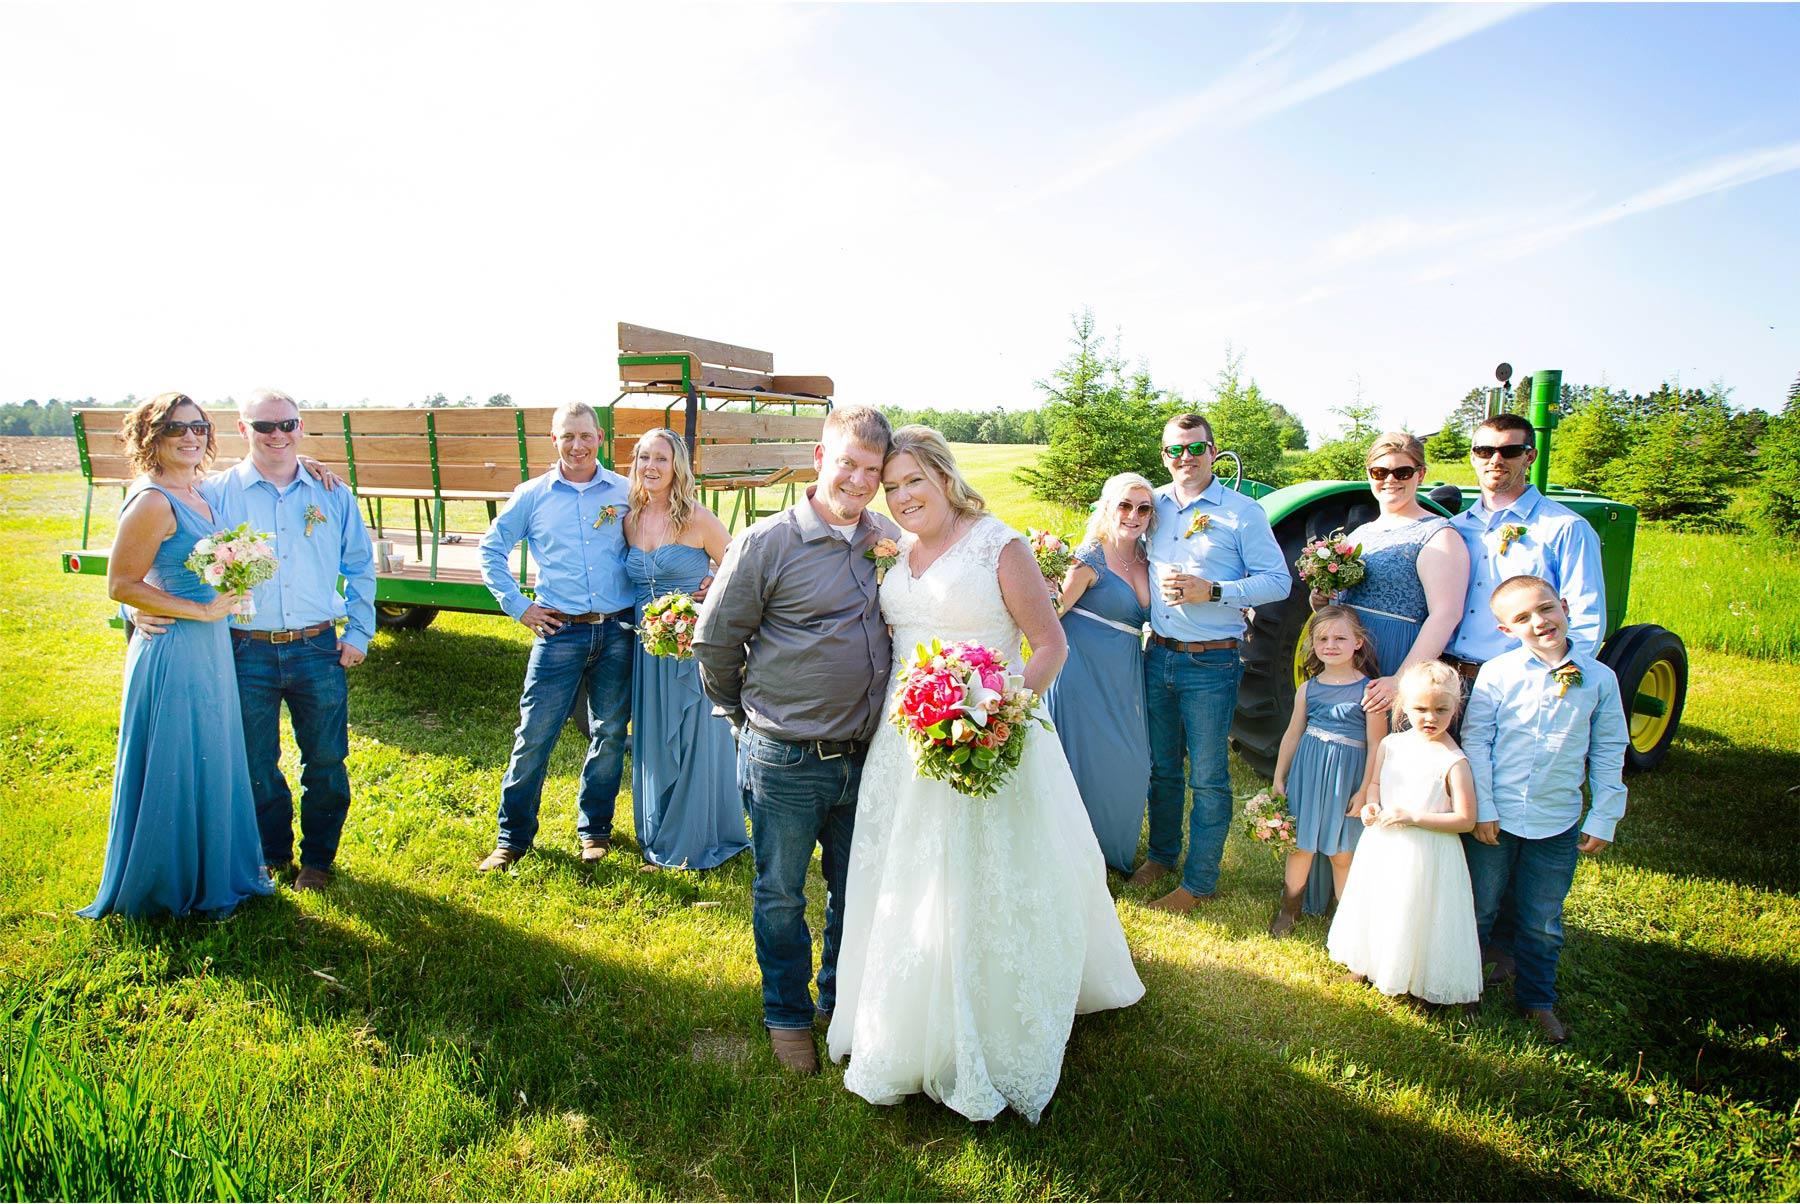 10-Vick-Photography-Wedding-Brainerd-Minnesota-Pine-Peaks-Lodge-Cabin-Rustic-Bridesmaids-Groomsmen-John-Deer-Kristi-and-Noel.jpg